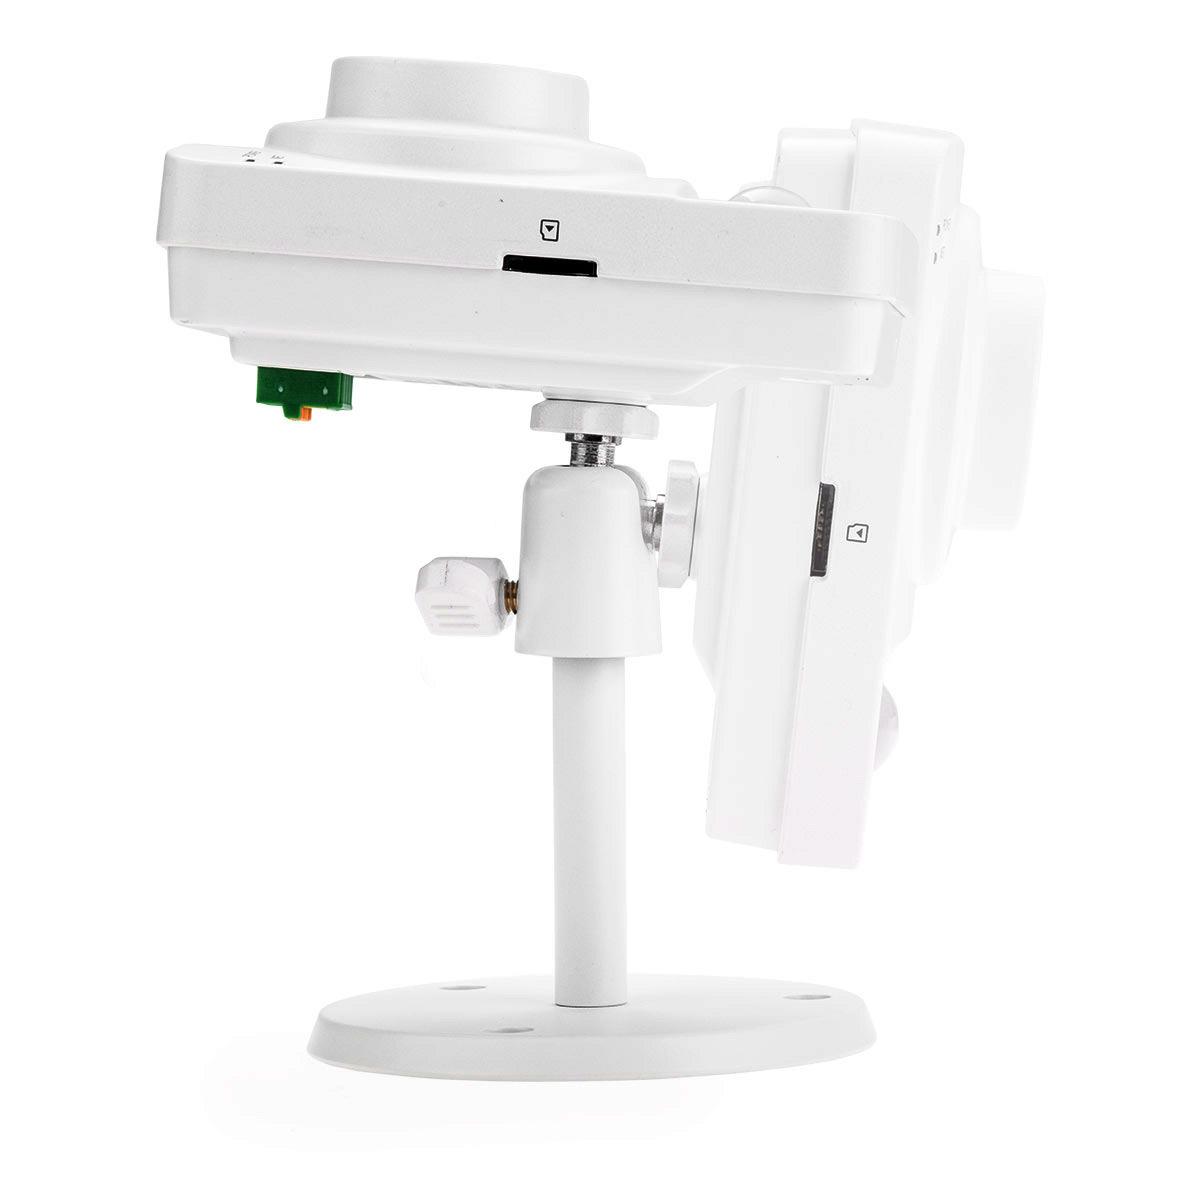 Dowolna regulacja położenia kamery BCS-HIP1130M